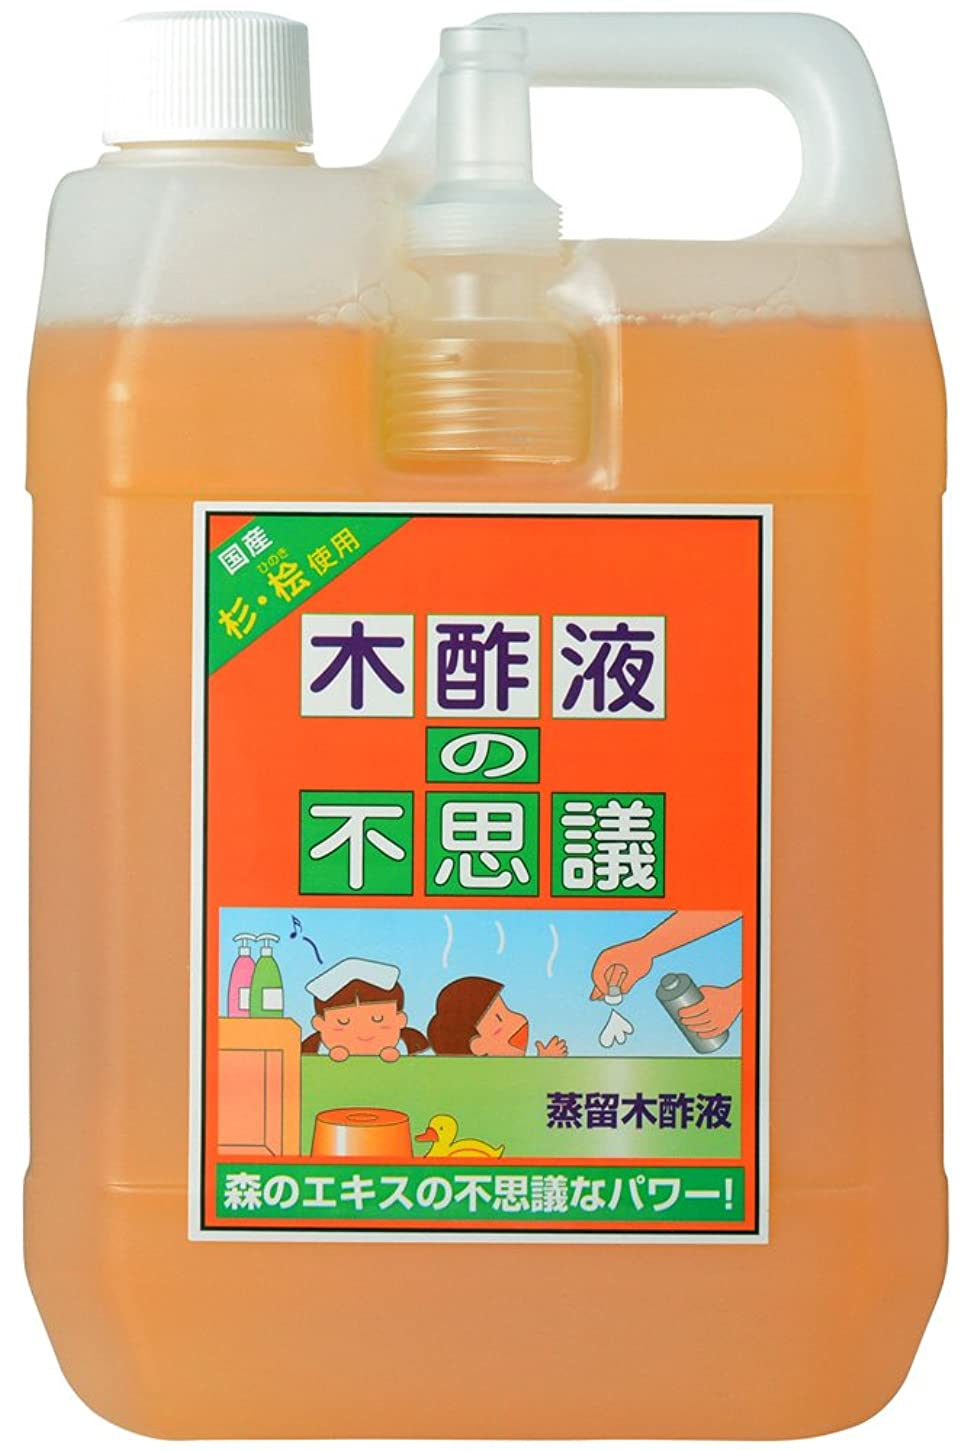 支配する無意識十年環境ダイゼン 蒸留木酢液 木酢液の不思議 2L